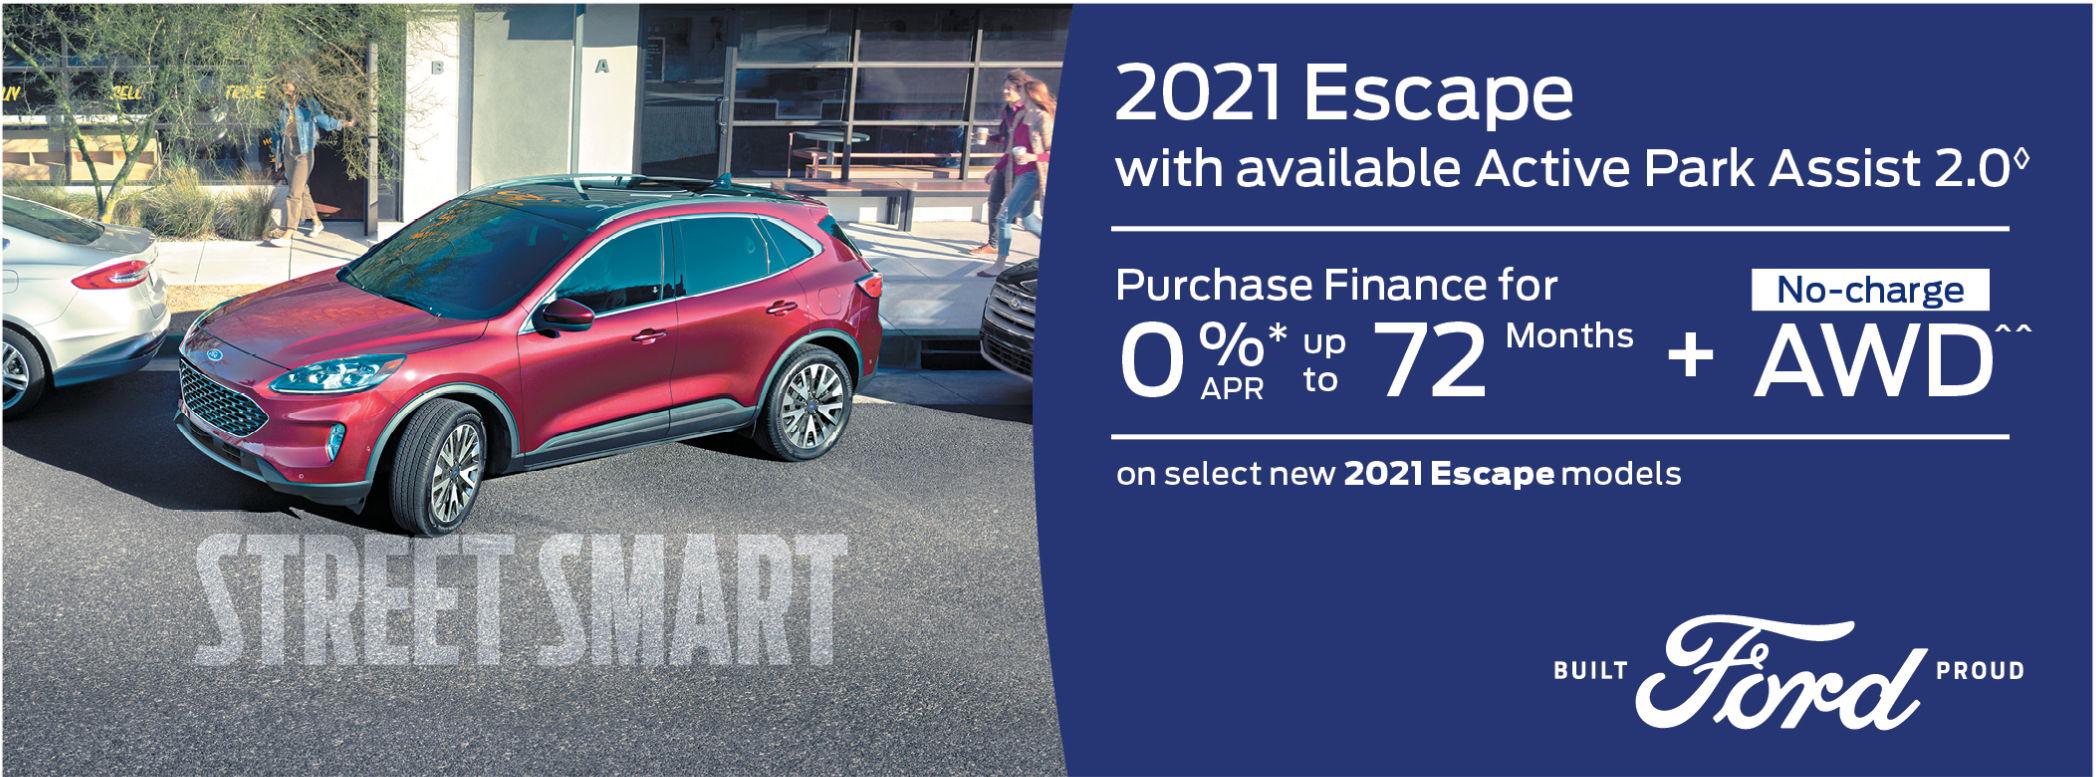 New Ford Escape 2021